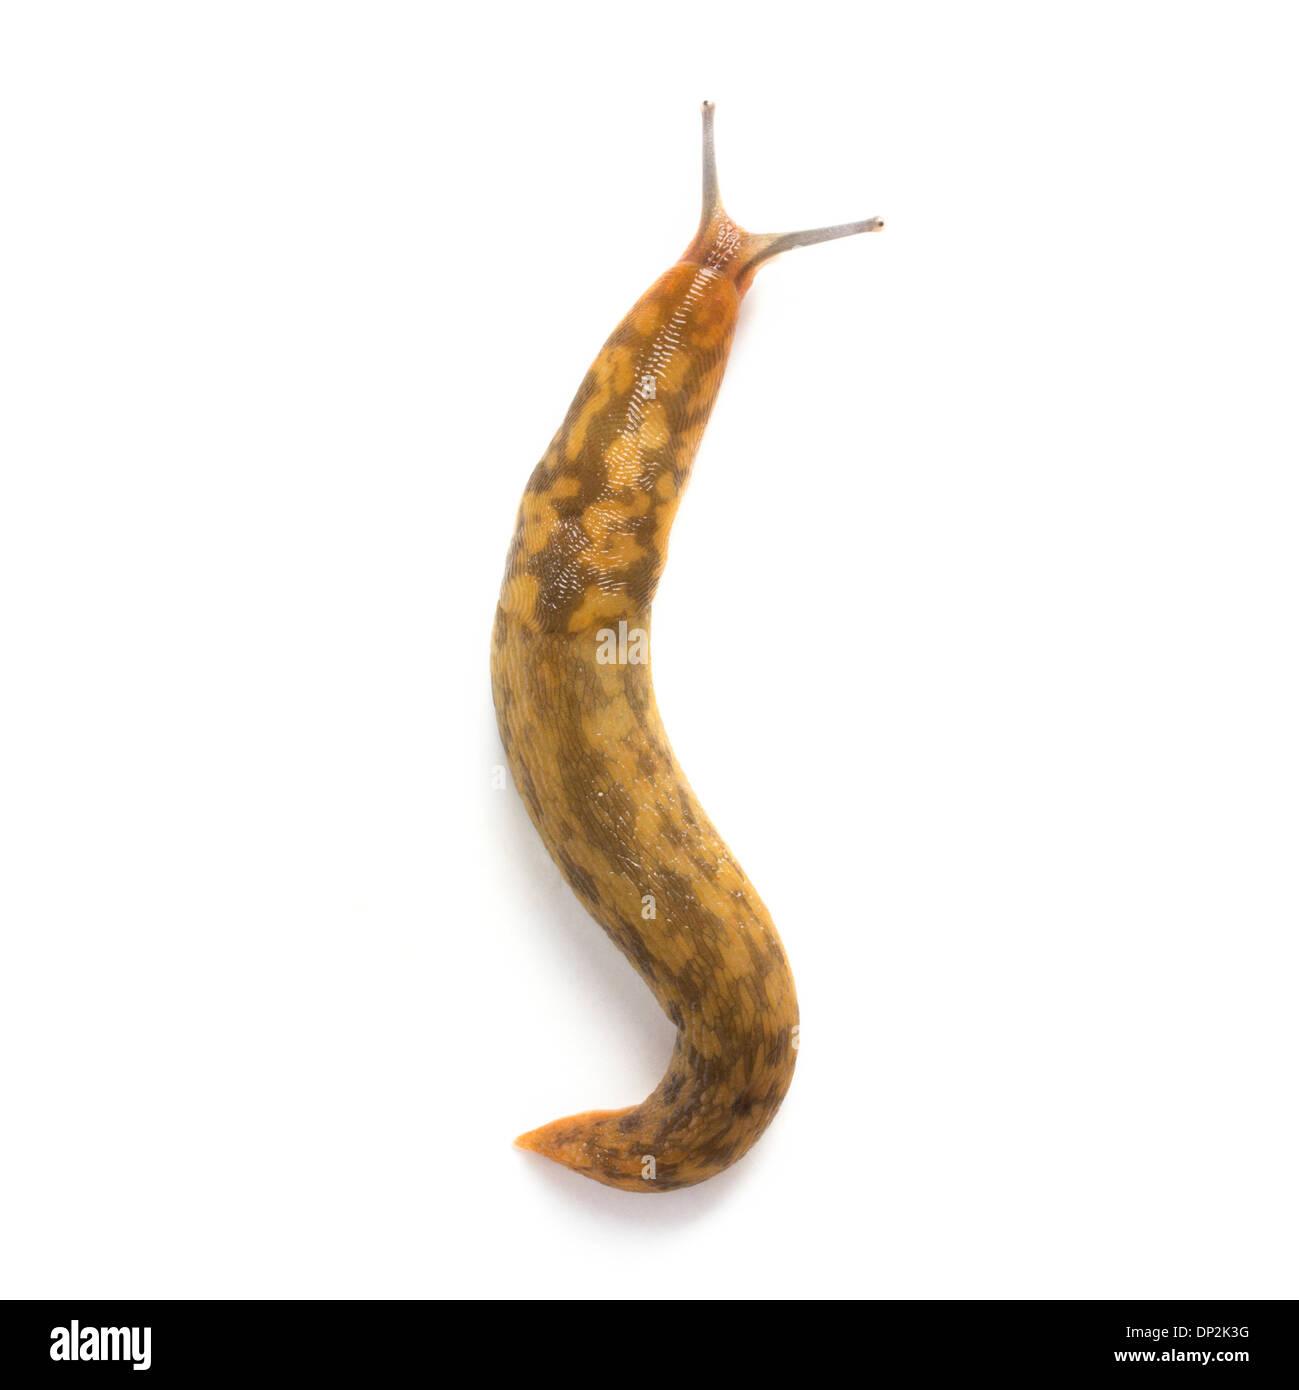 Yellow slug - Stock Image